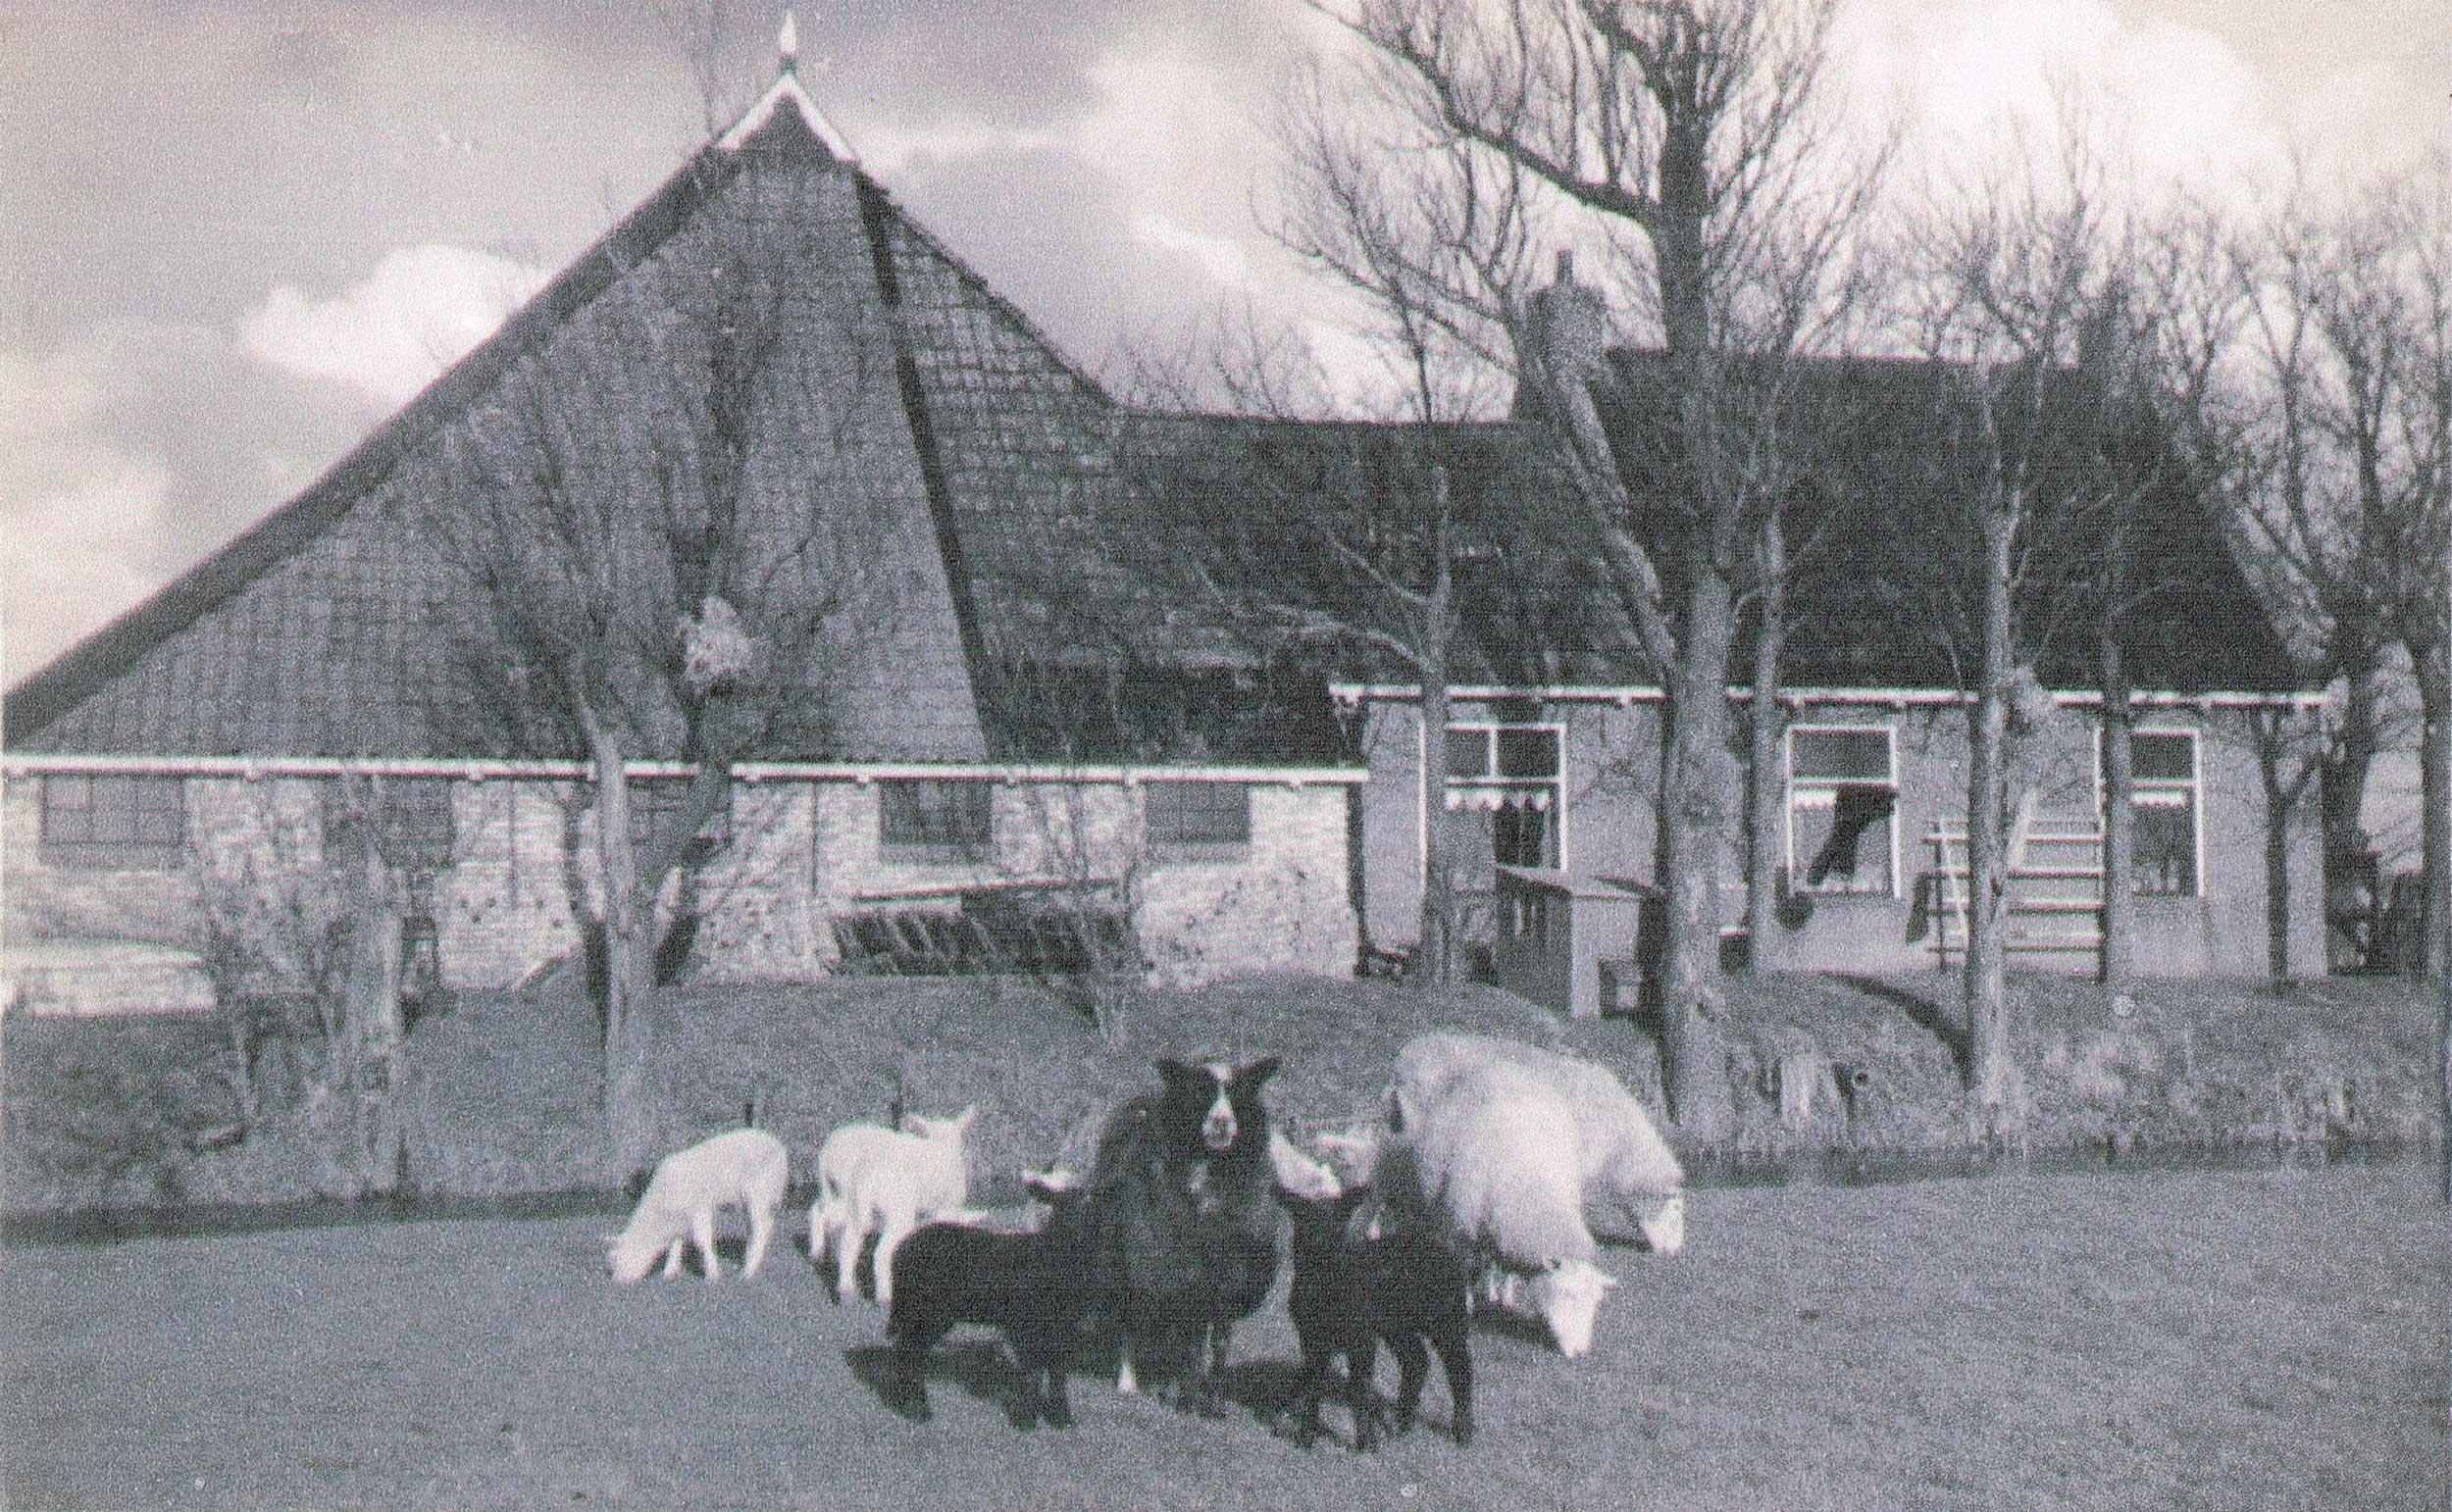 De 'oude boerderij' van Cleyn Alserd vanaf de zijkant bekeken, hier nog zonder schelpenpad